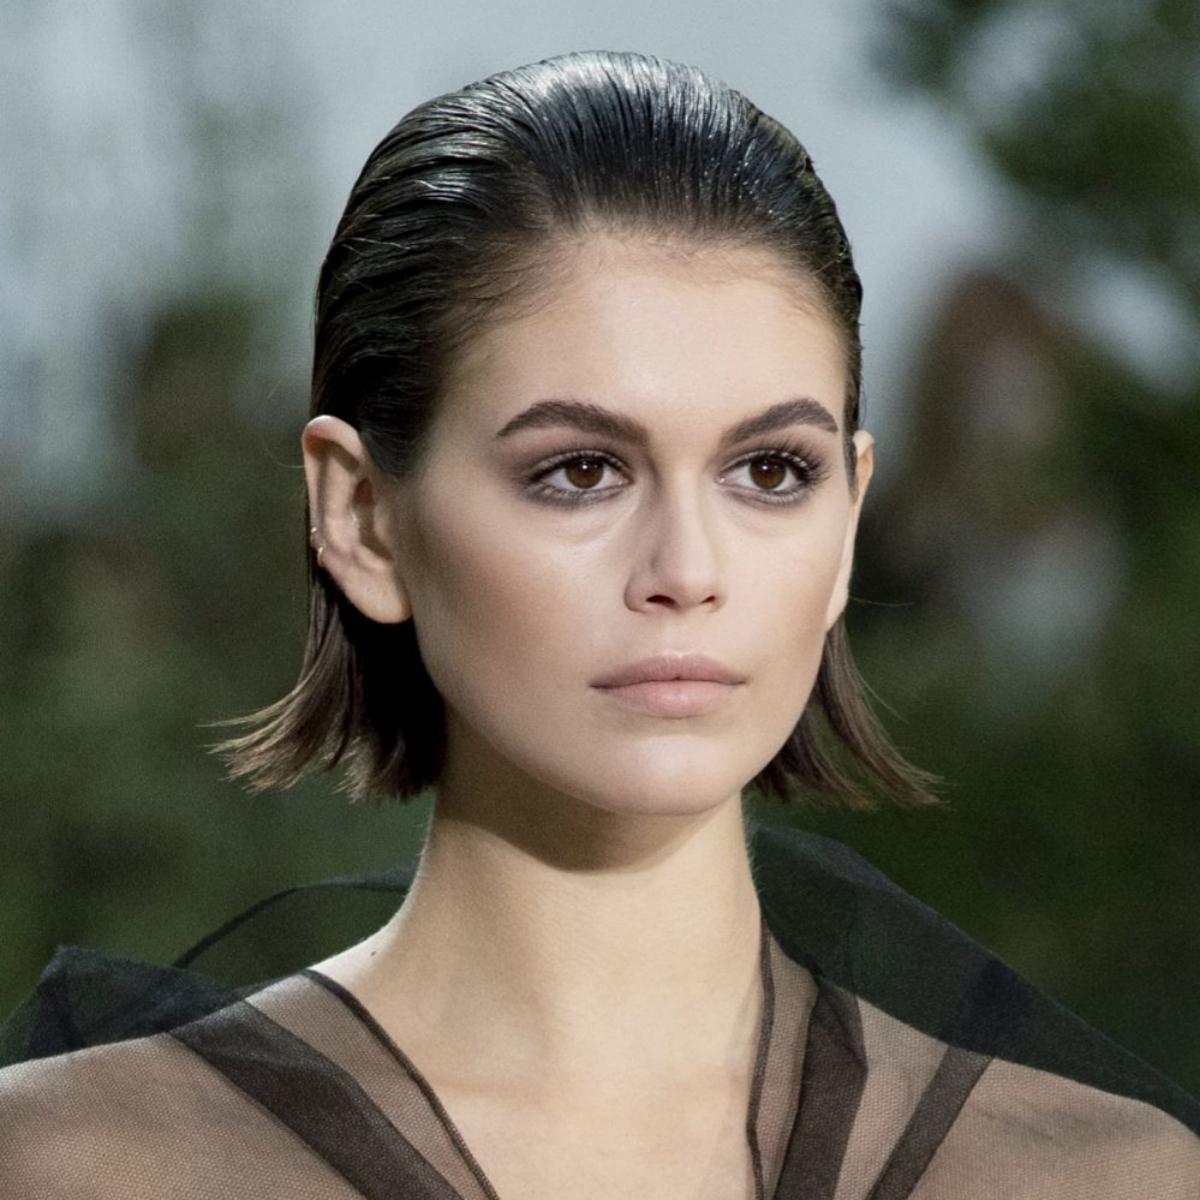 Nos encanta el pelo corto engominado del desfile de Chanel para esta primavera verano 2020 que luce Kaia Gerber.